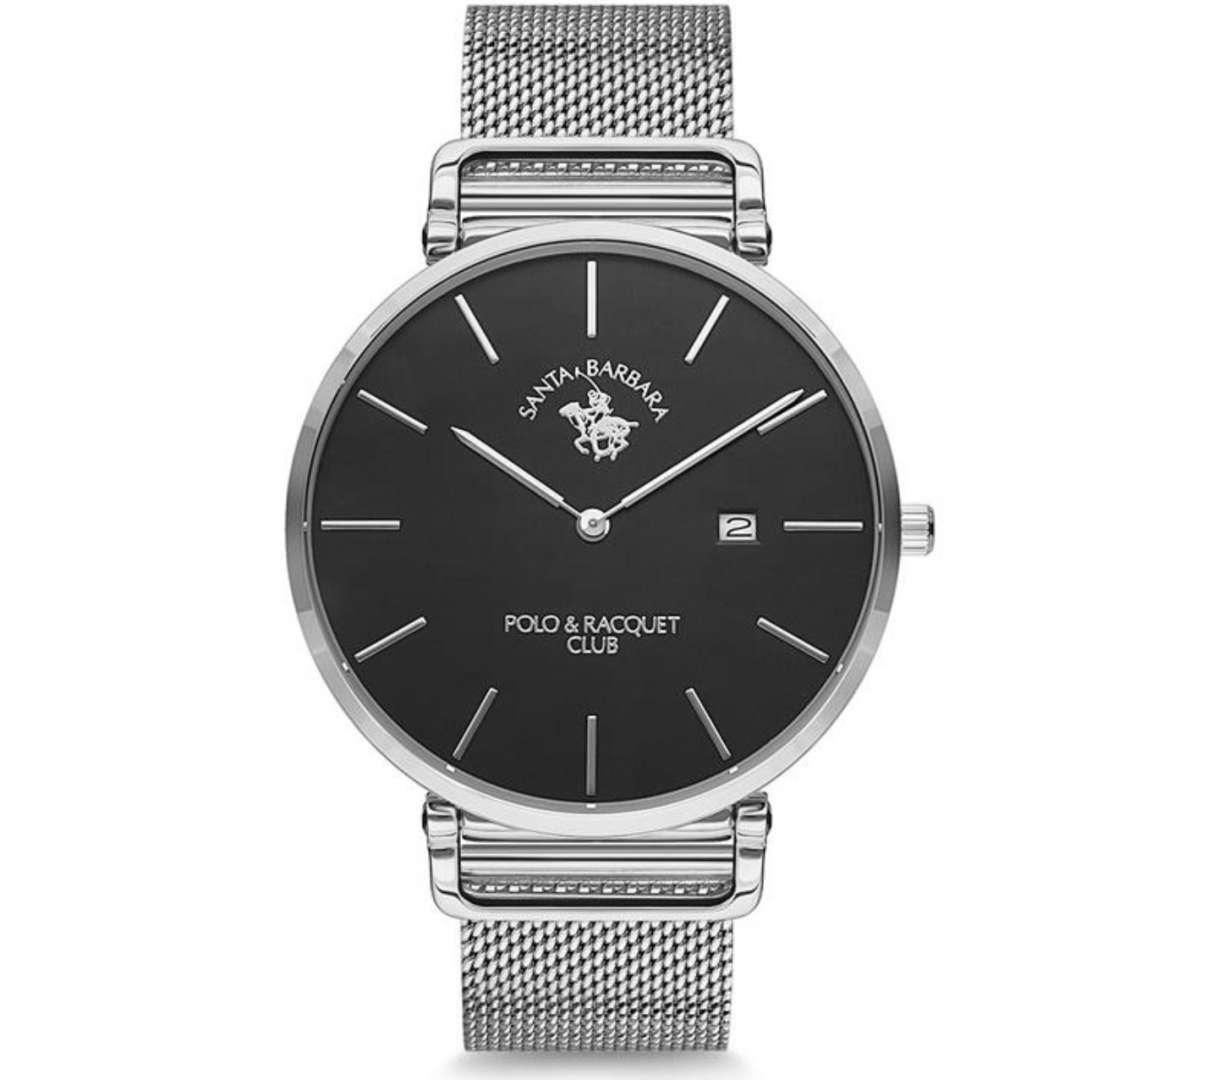 שעון יד אנלוגי santa barbara polo sb.10.1131.4 סנטה ברברה פולו קלאב